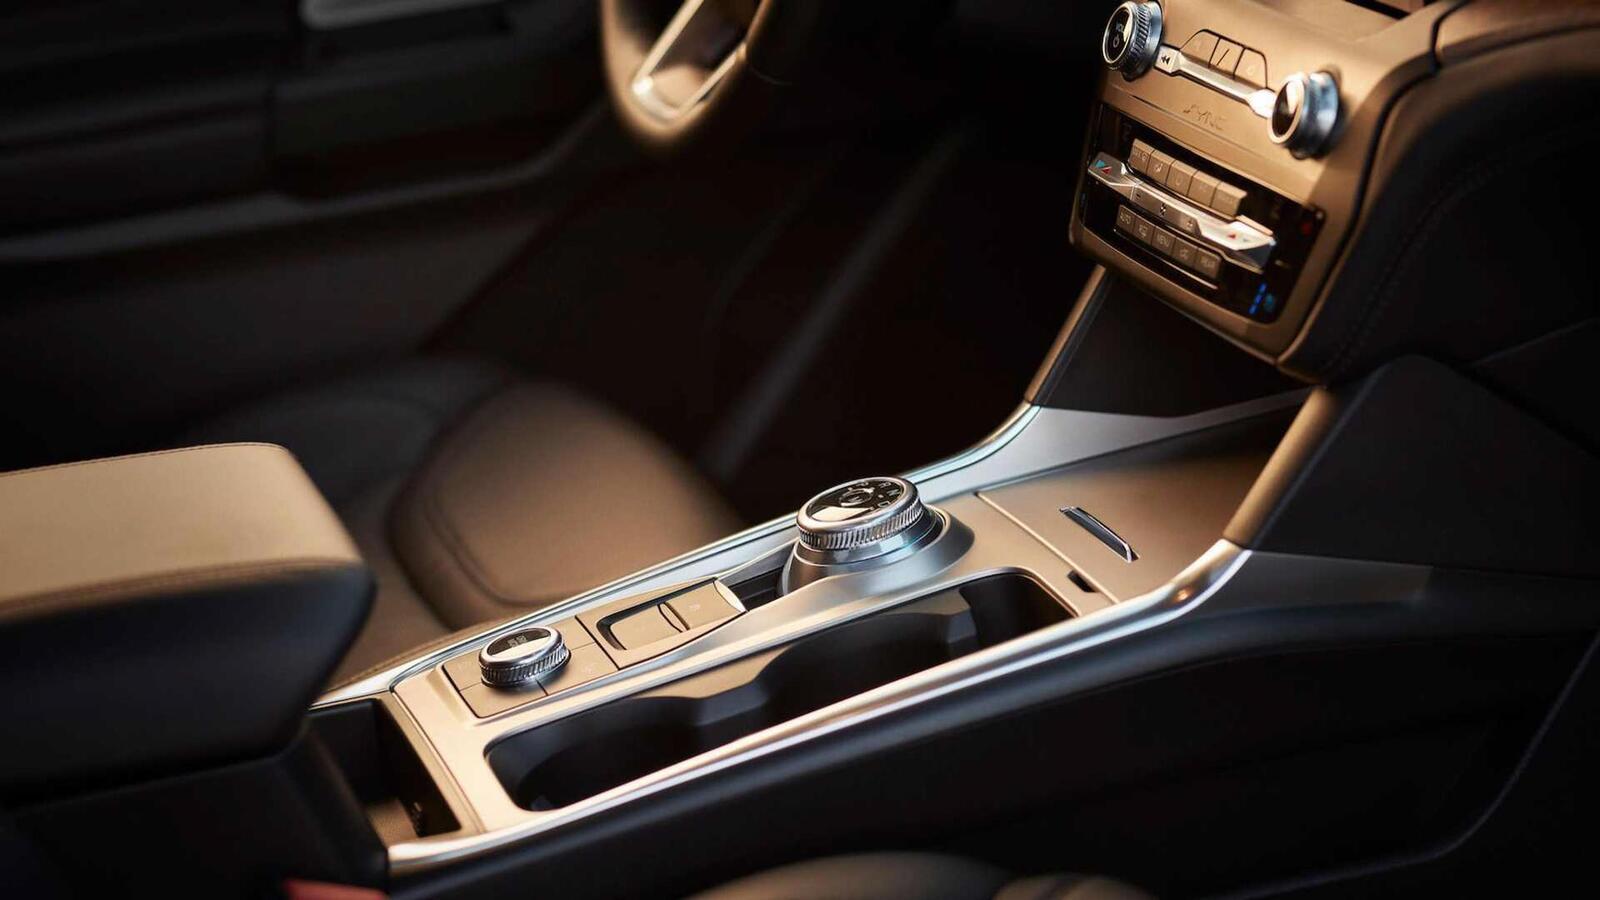 Ford Explorer 2020 thế hệ mới ra mắt; thiết kế mới và cải thiện khả năng vận hành - Hình 11